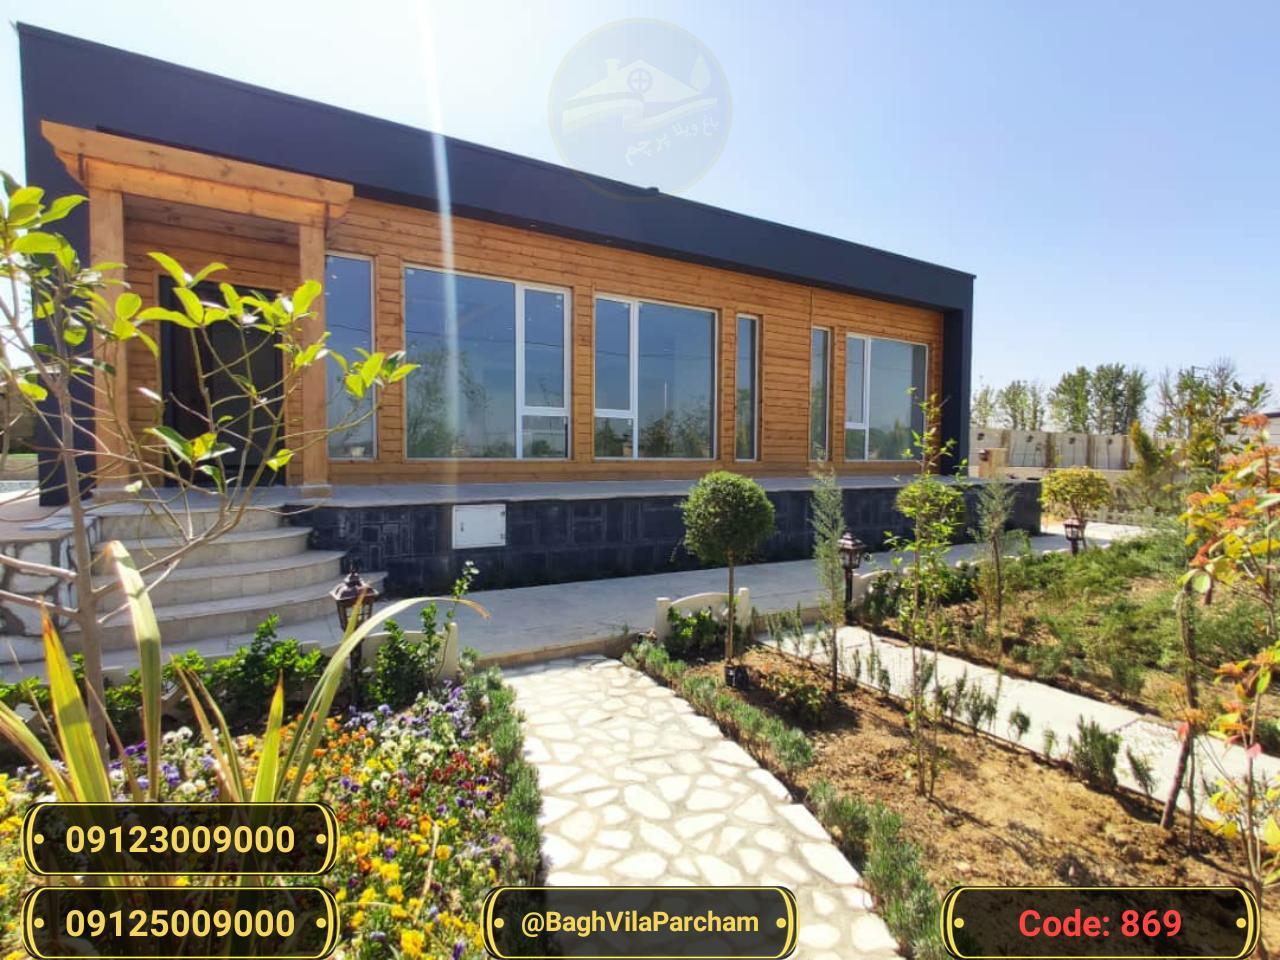 تصویر عکس باغ ویلا شماره 12 از ویلای ۷۵۰  متر ویلا مدرن Picture photo image 12 of ۷۵۰  متر ویلا مدرن